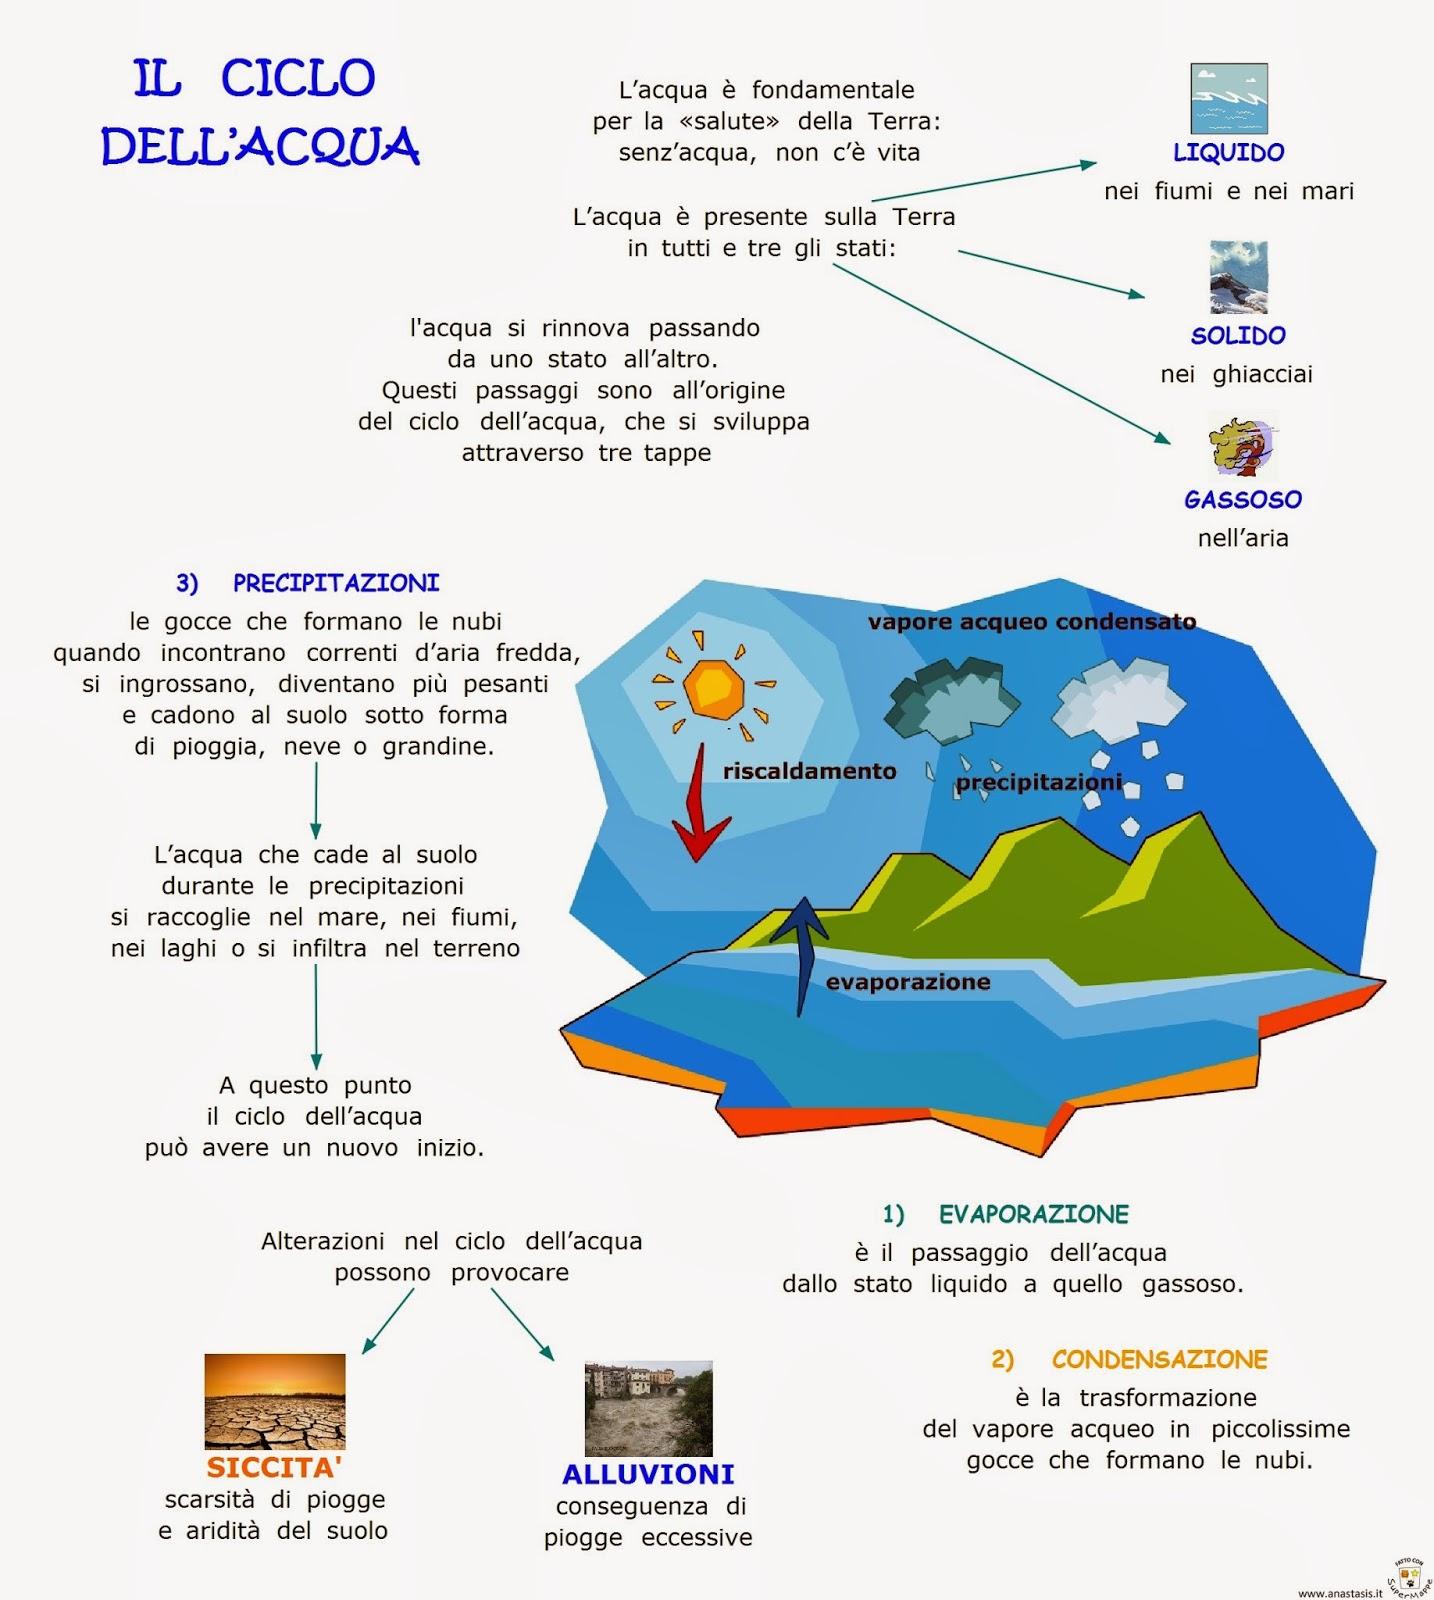 abbastanza Paradiso delle mappe: Il ciclo dell'acqua EJ44